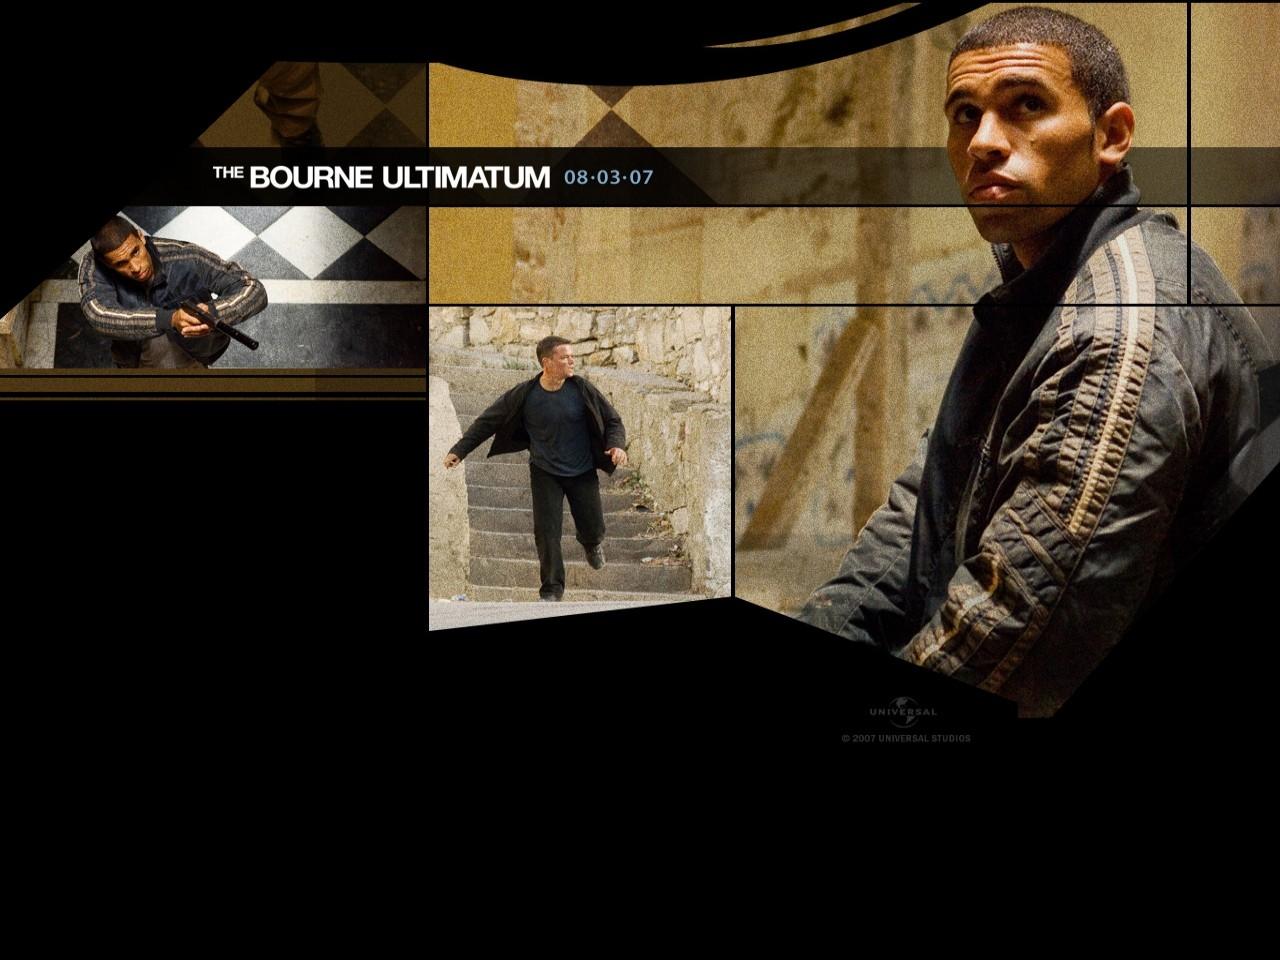 Wallpaper di The Bourne Ultimatum - il ritorno dello sciacallo